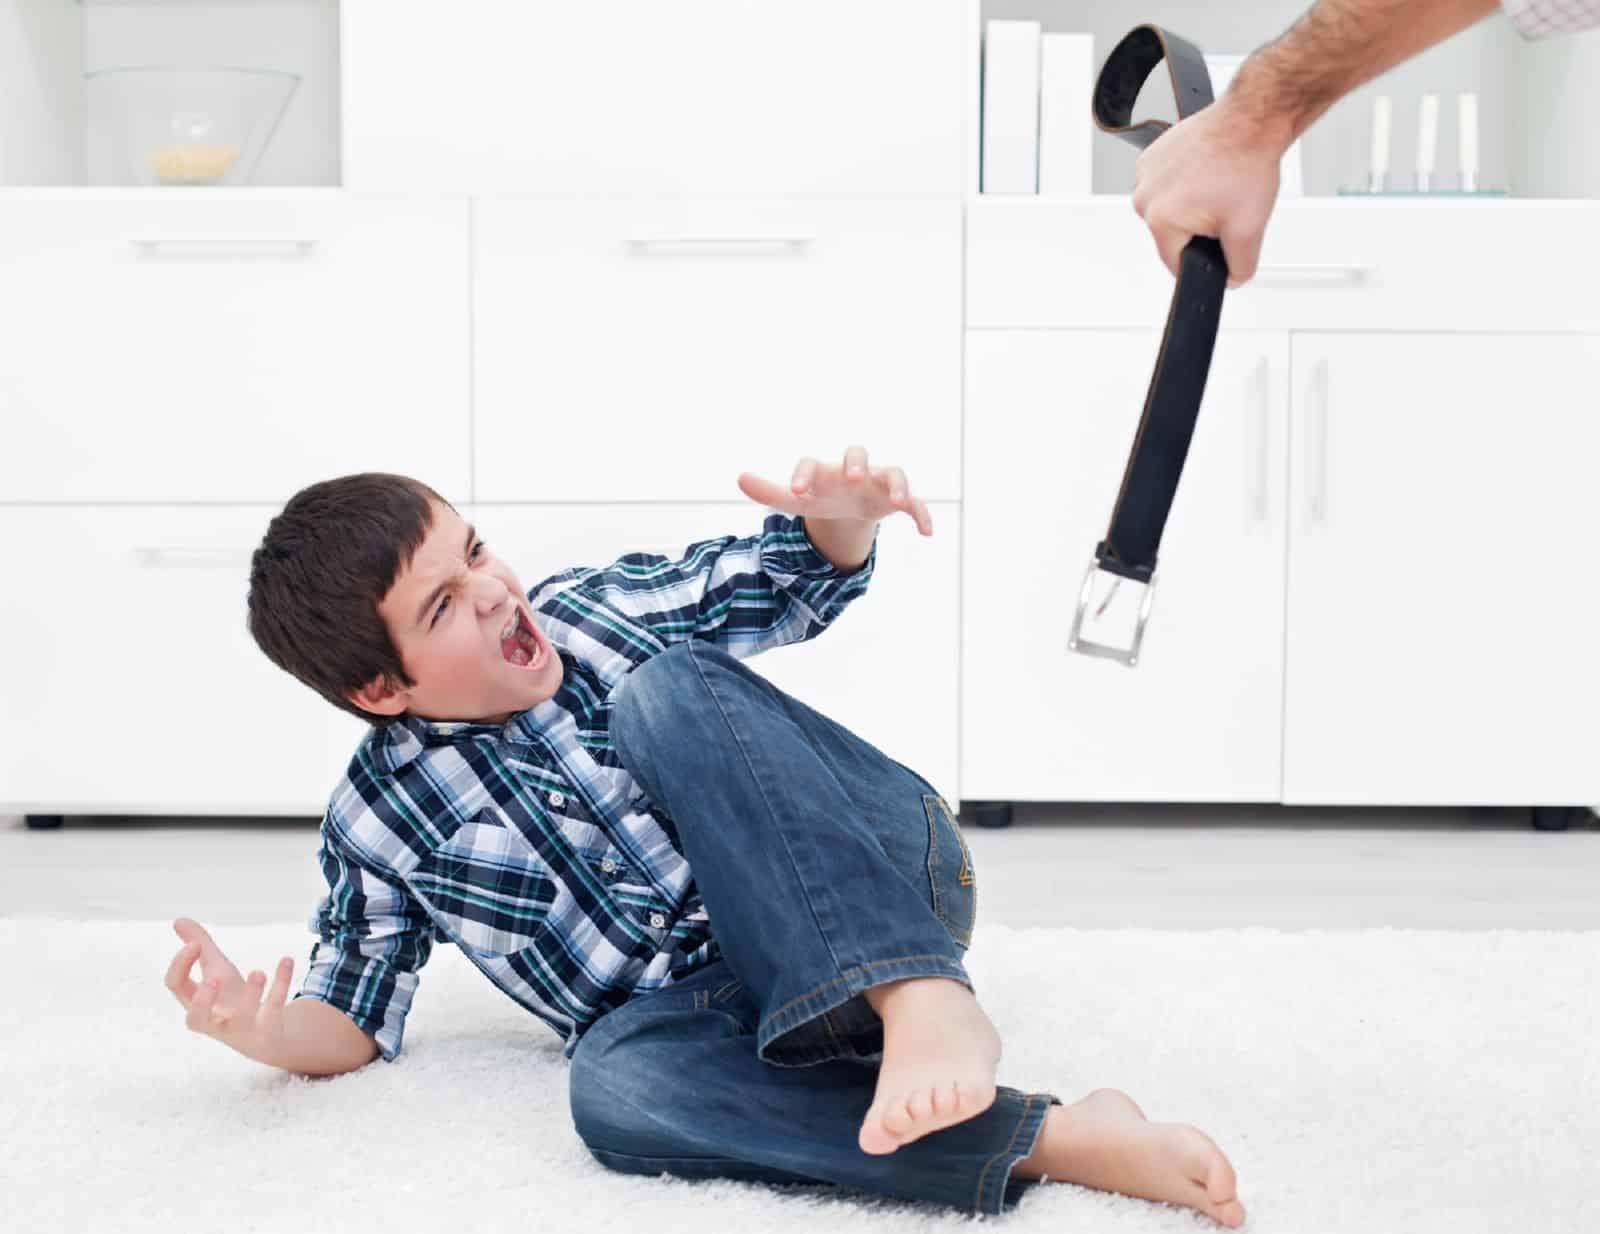 основания для лишения родительских прав отца ребенка